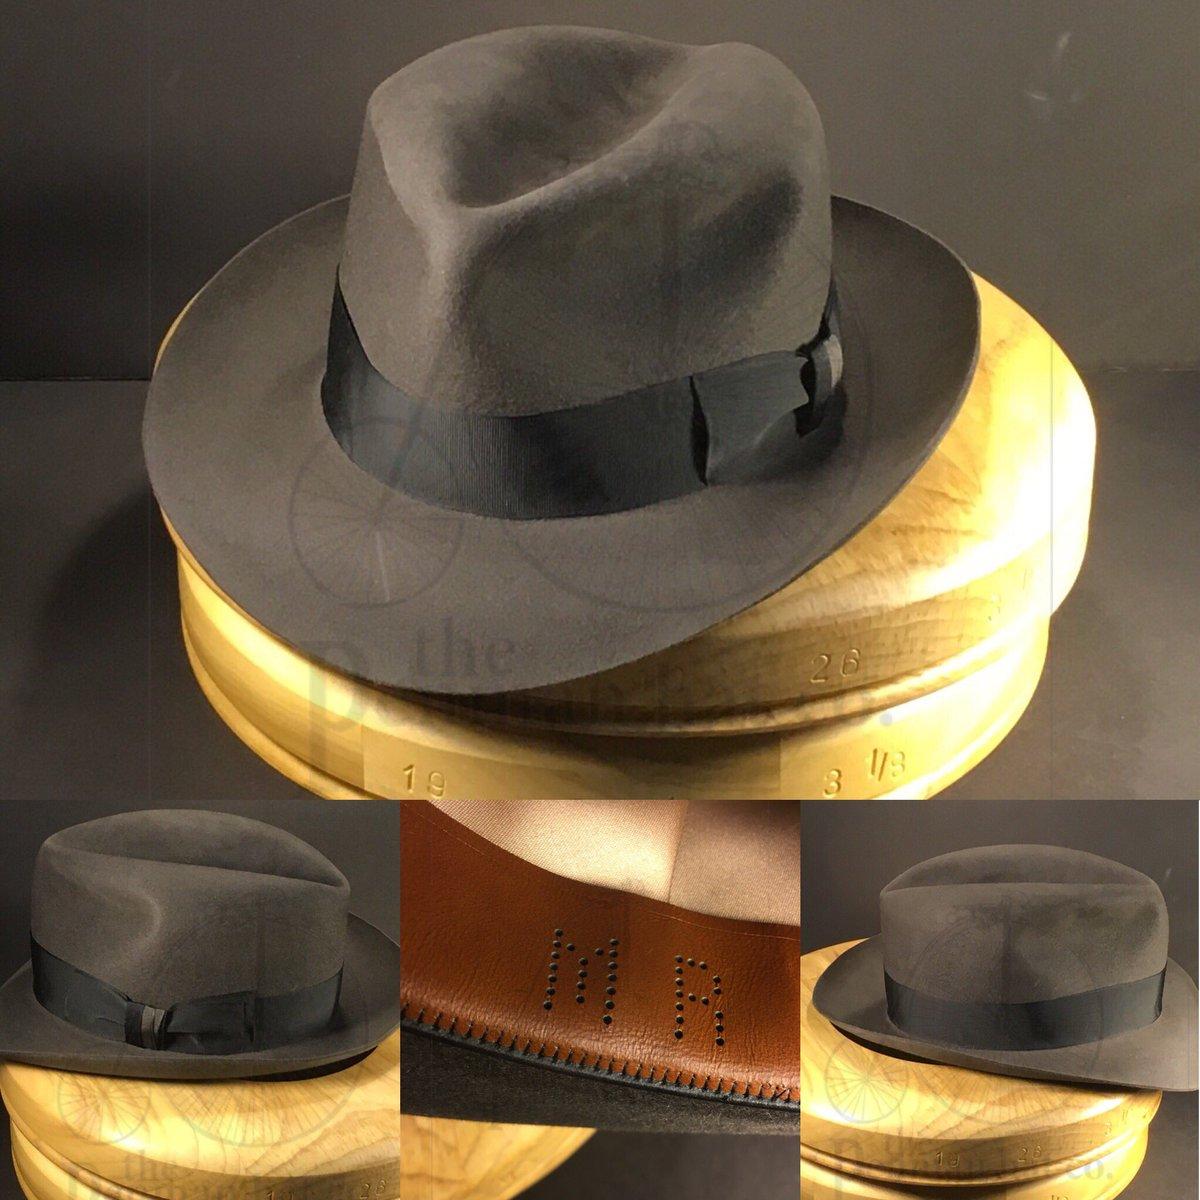 Penman Hat Company on Twitter